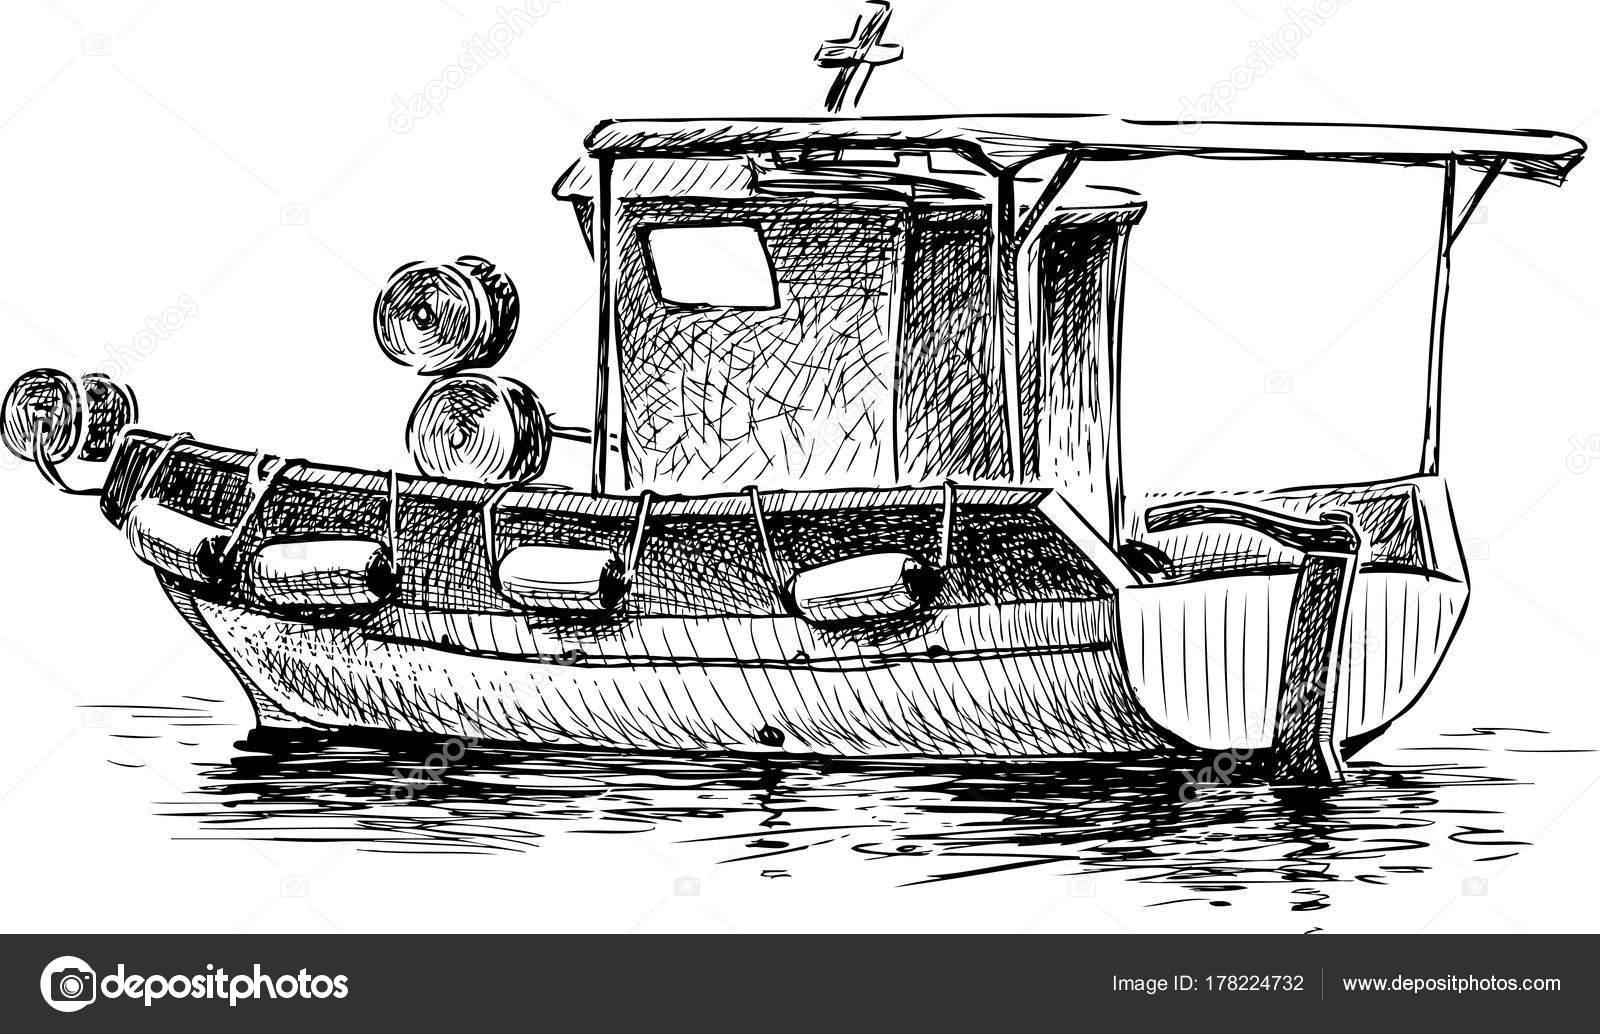 Dibujos Barcos Pesqueros Dibujo Barco Pesquero Griego Pequeño